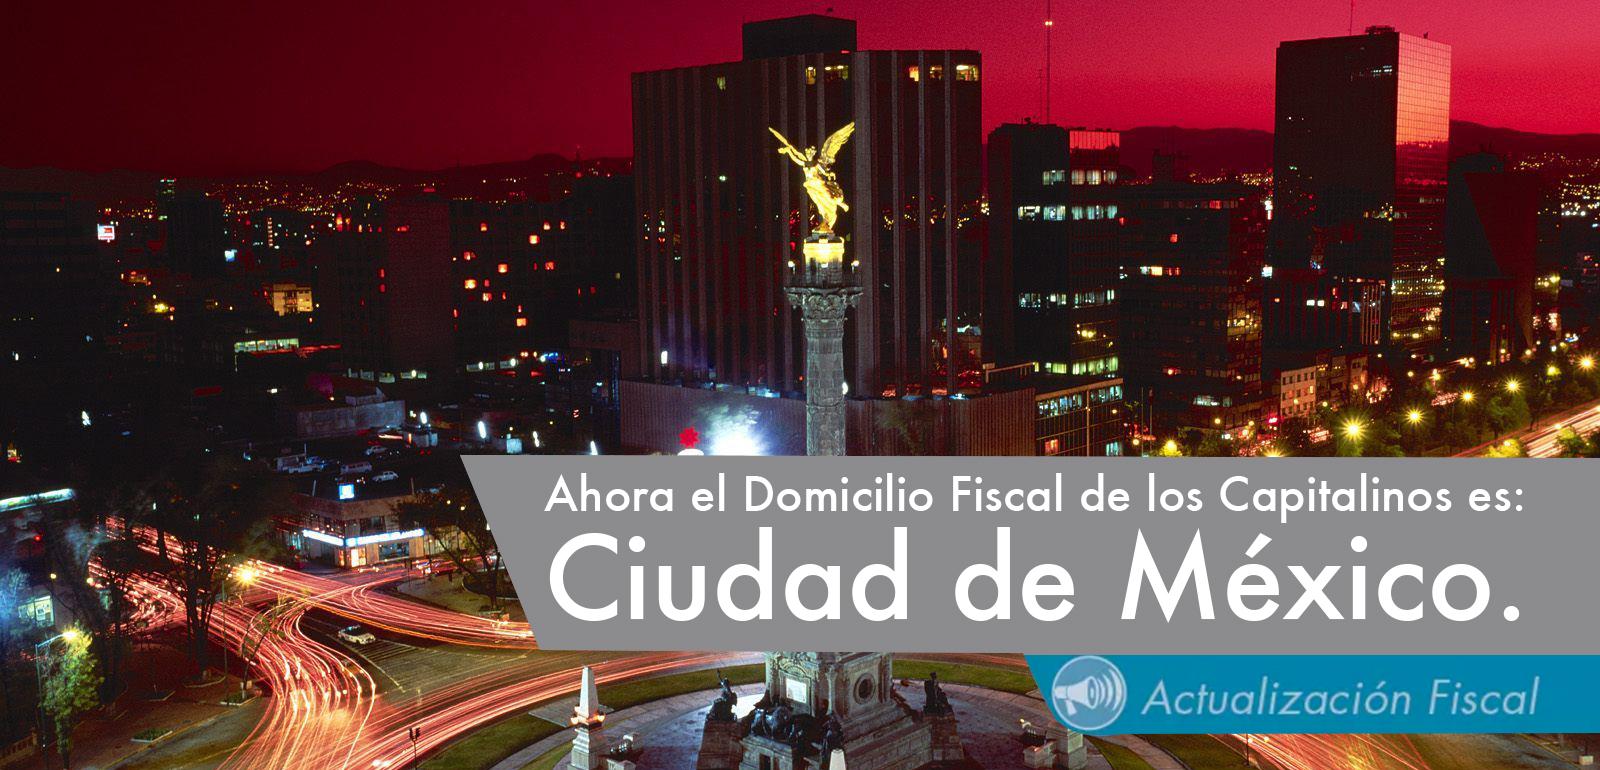 Ahora el Domicilio Fiscal de los Capitalinos es: Ciudad de México.